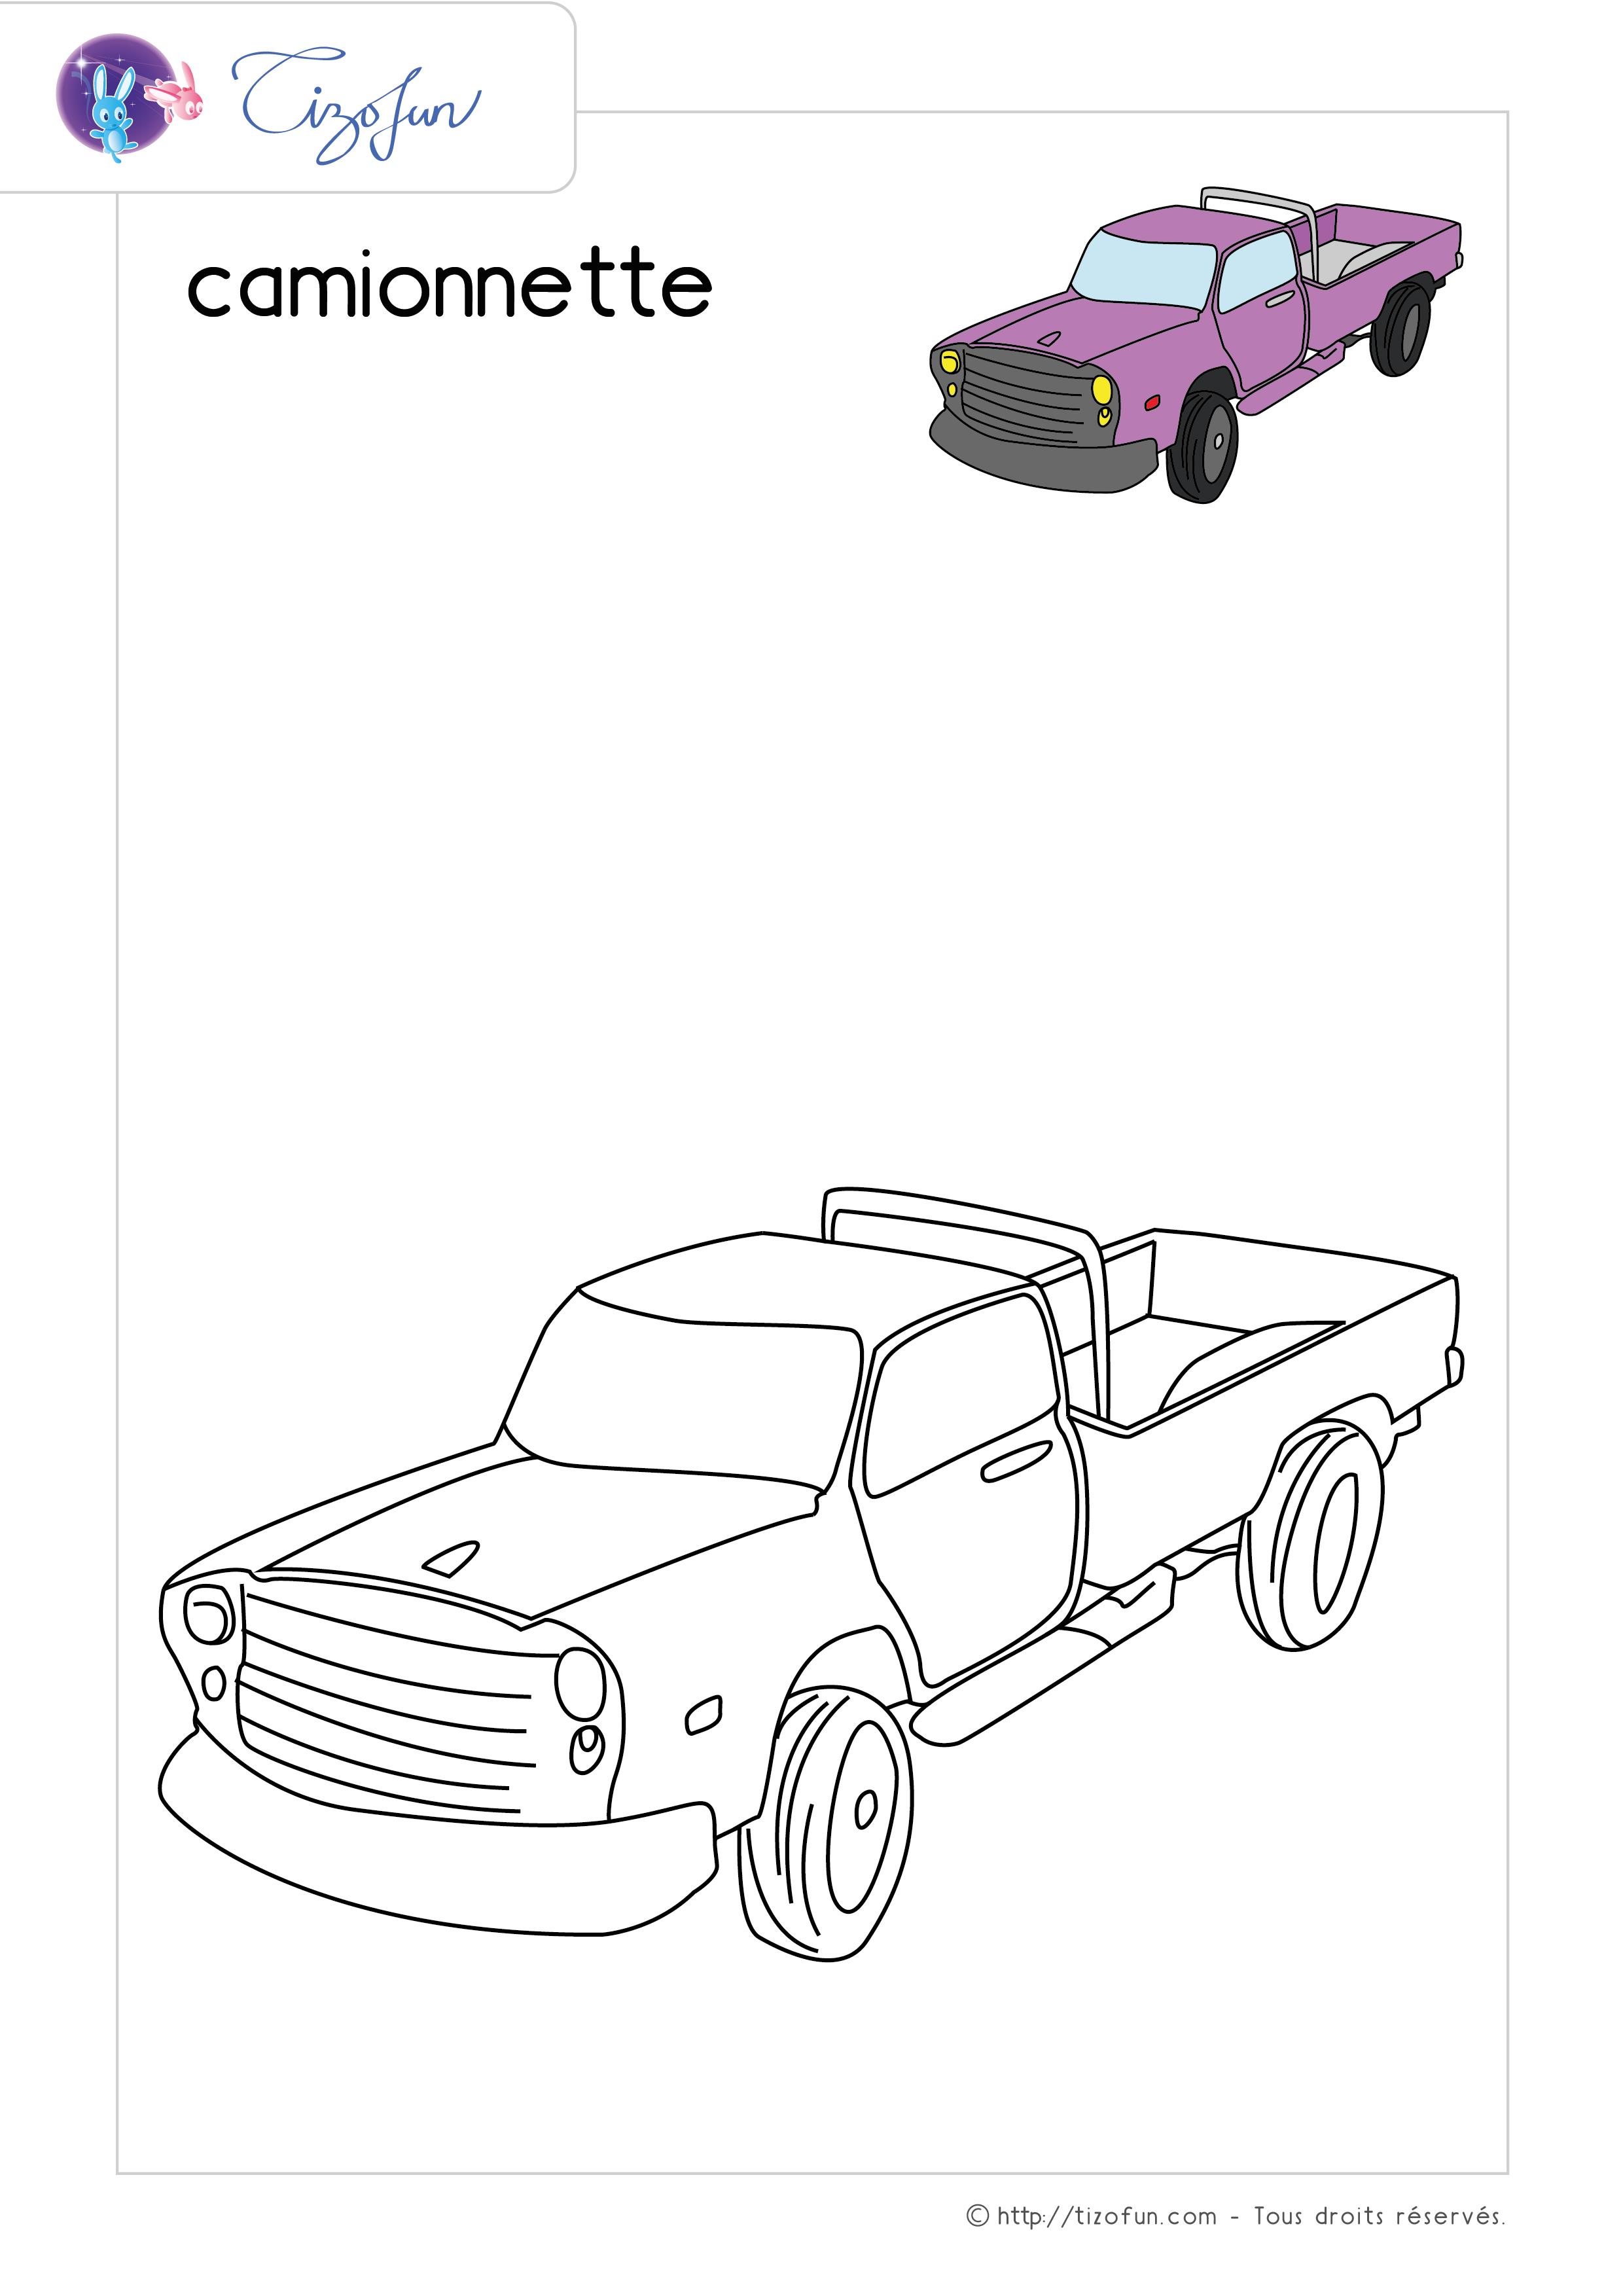 Coloriage Transport Dessin Camionnette Coloriage Dessin A Imprimer Bateaux